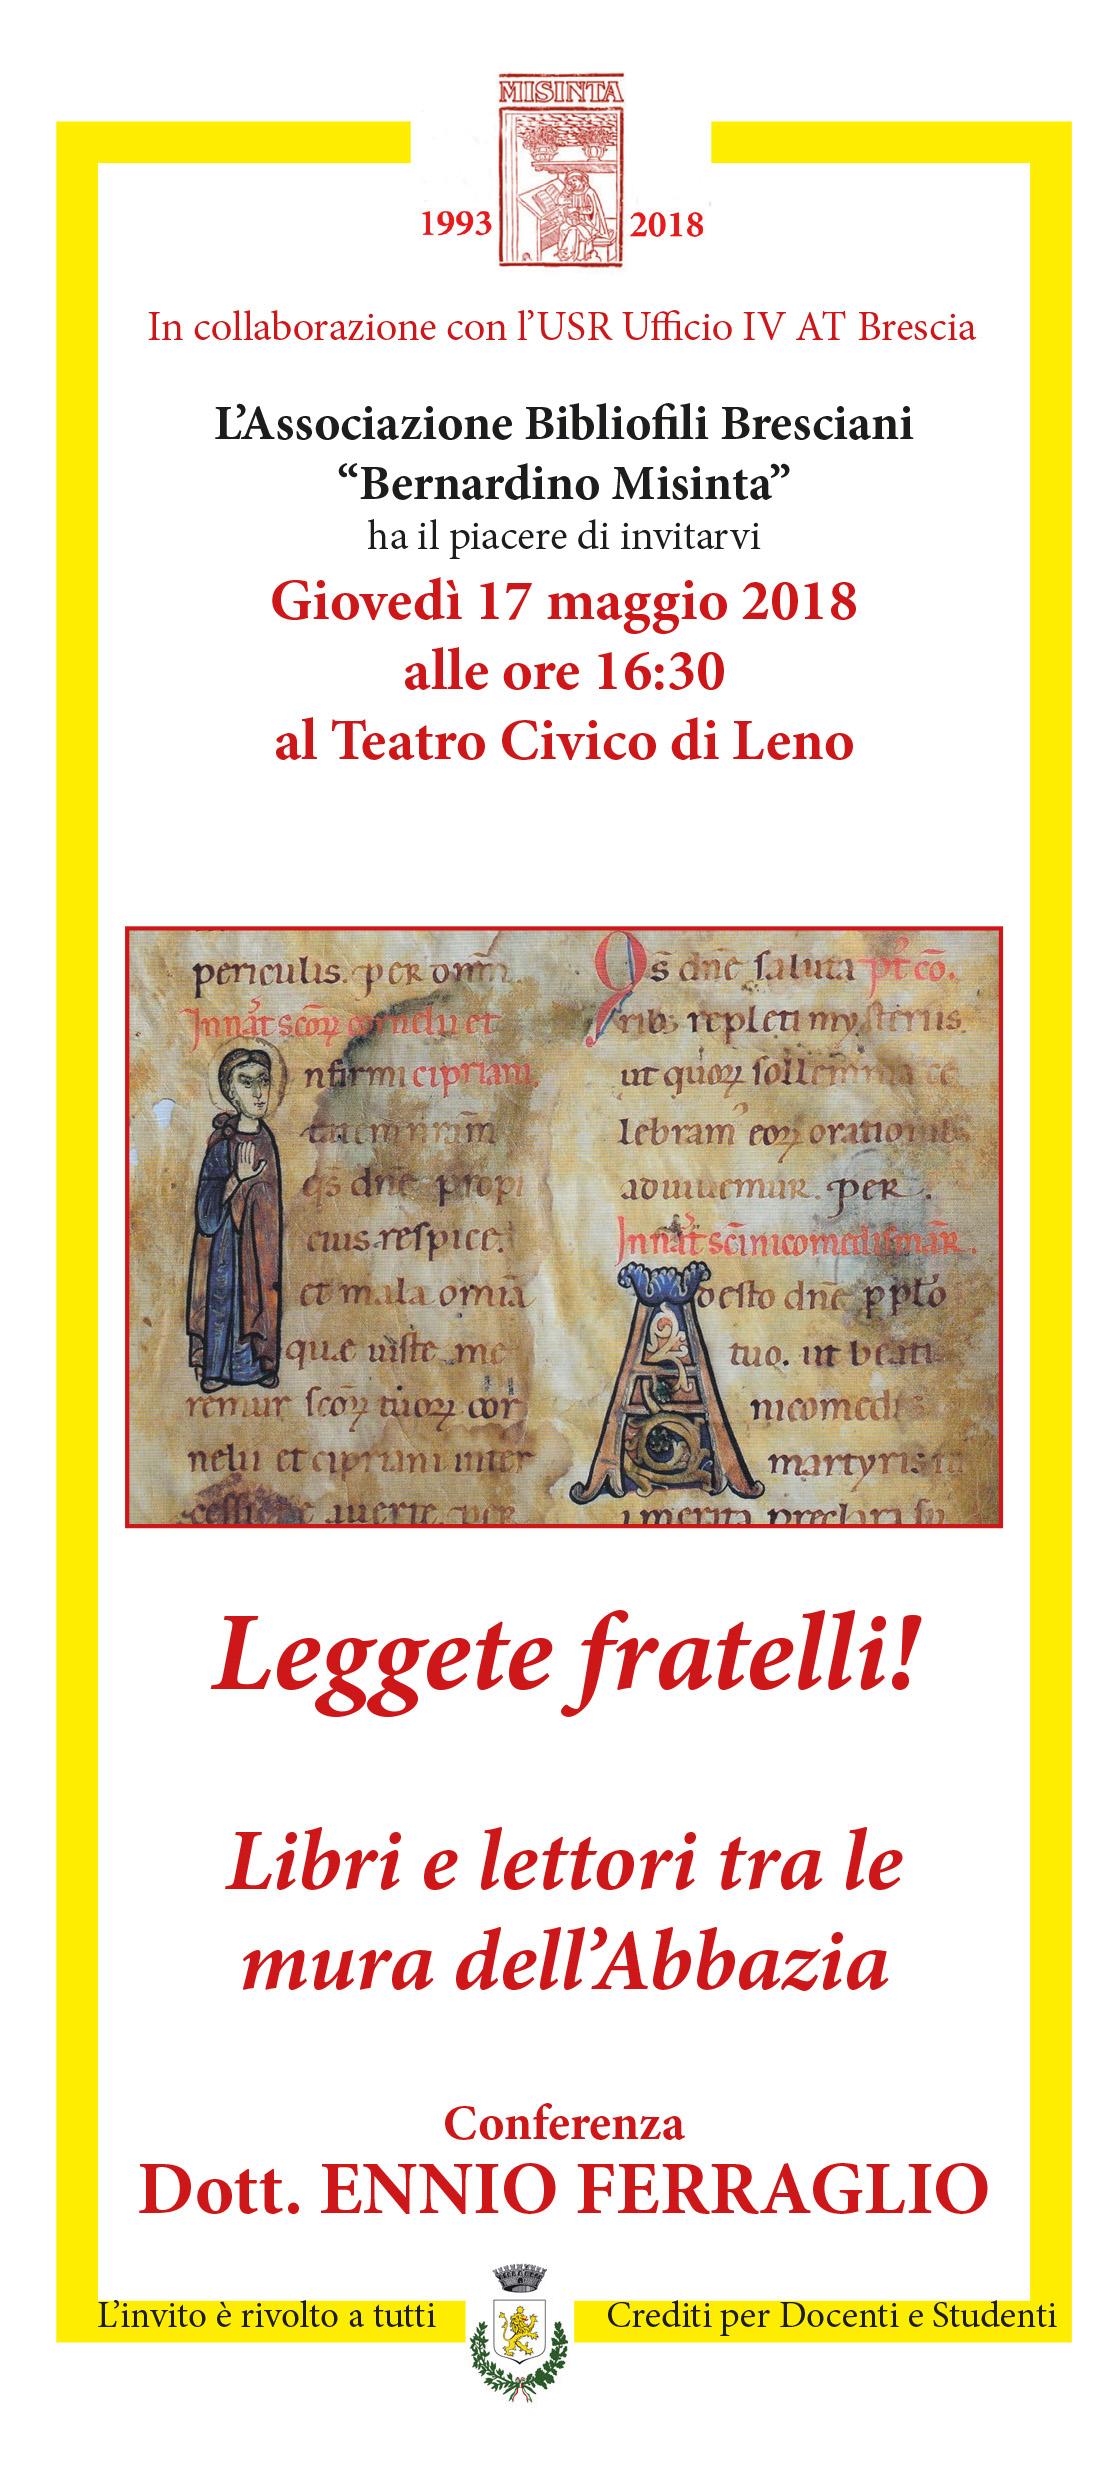 INVITO X 1 FERRAGLIO A LENO